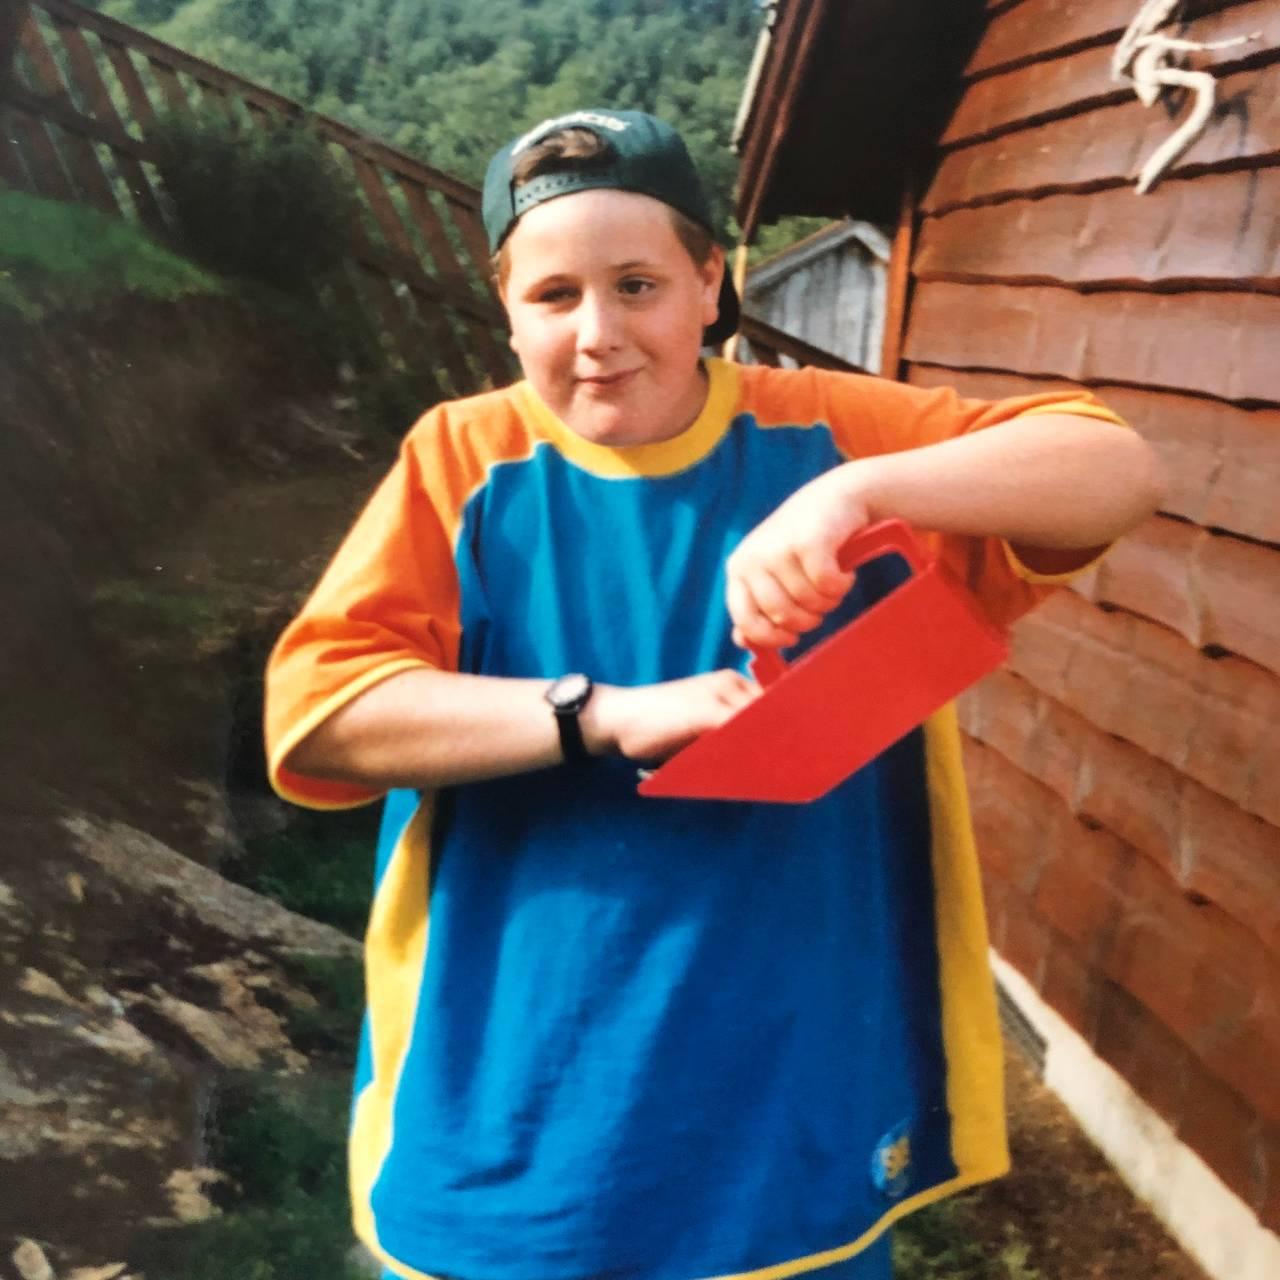 Barnebilde av Ronny Brede Aase på hytta.